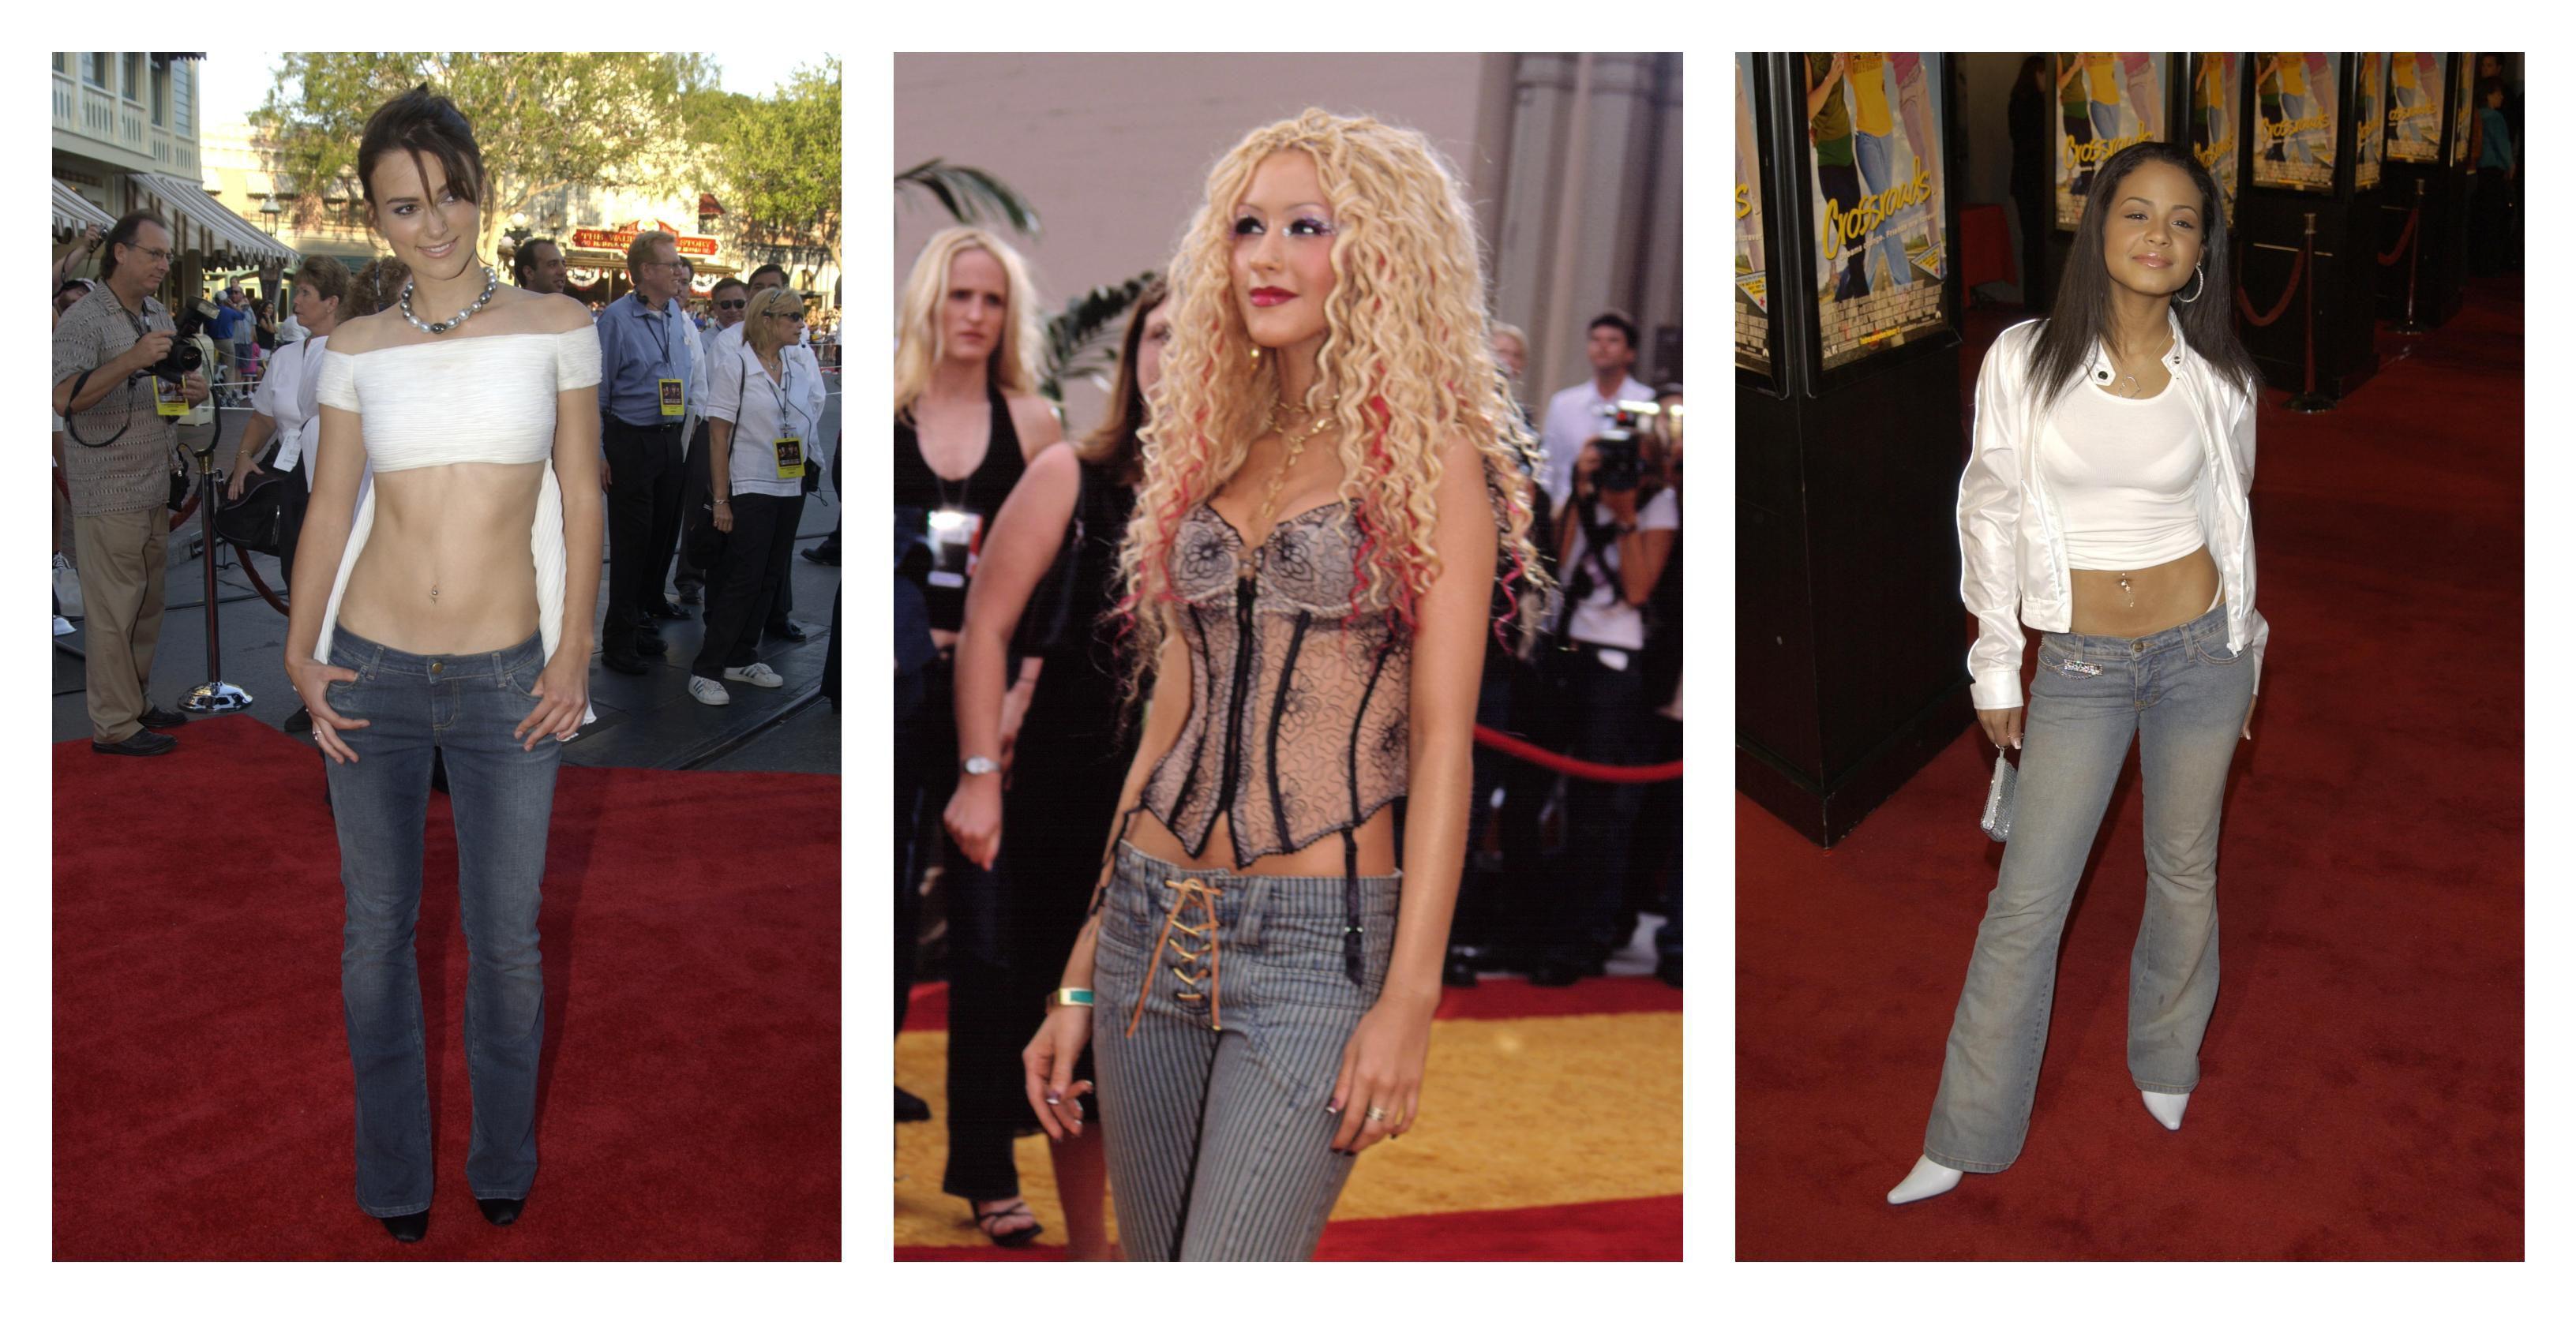 Najavili su povratak hlača niskog struka, a evo nekoliko fotki kao podsjetnik zašto to stvarno nije dobra ideja